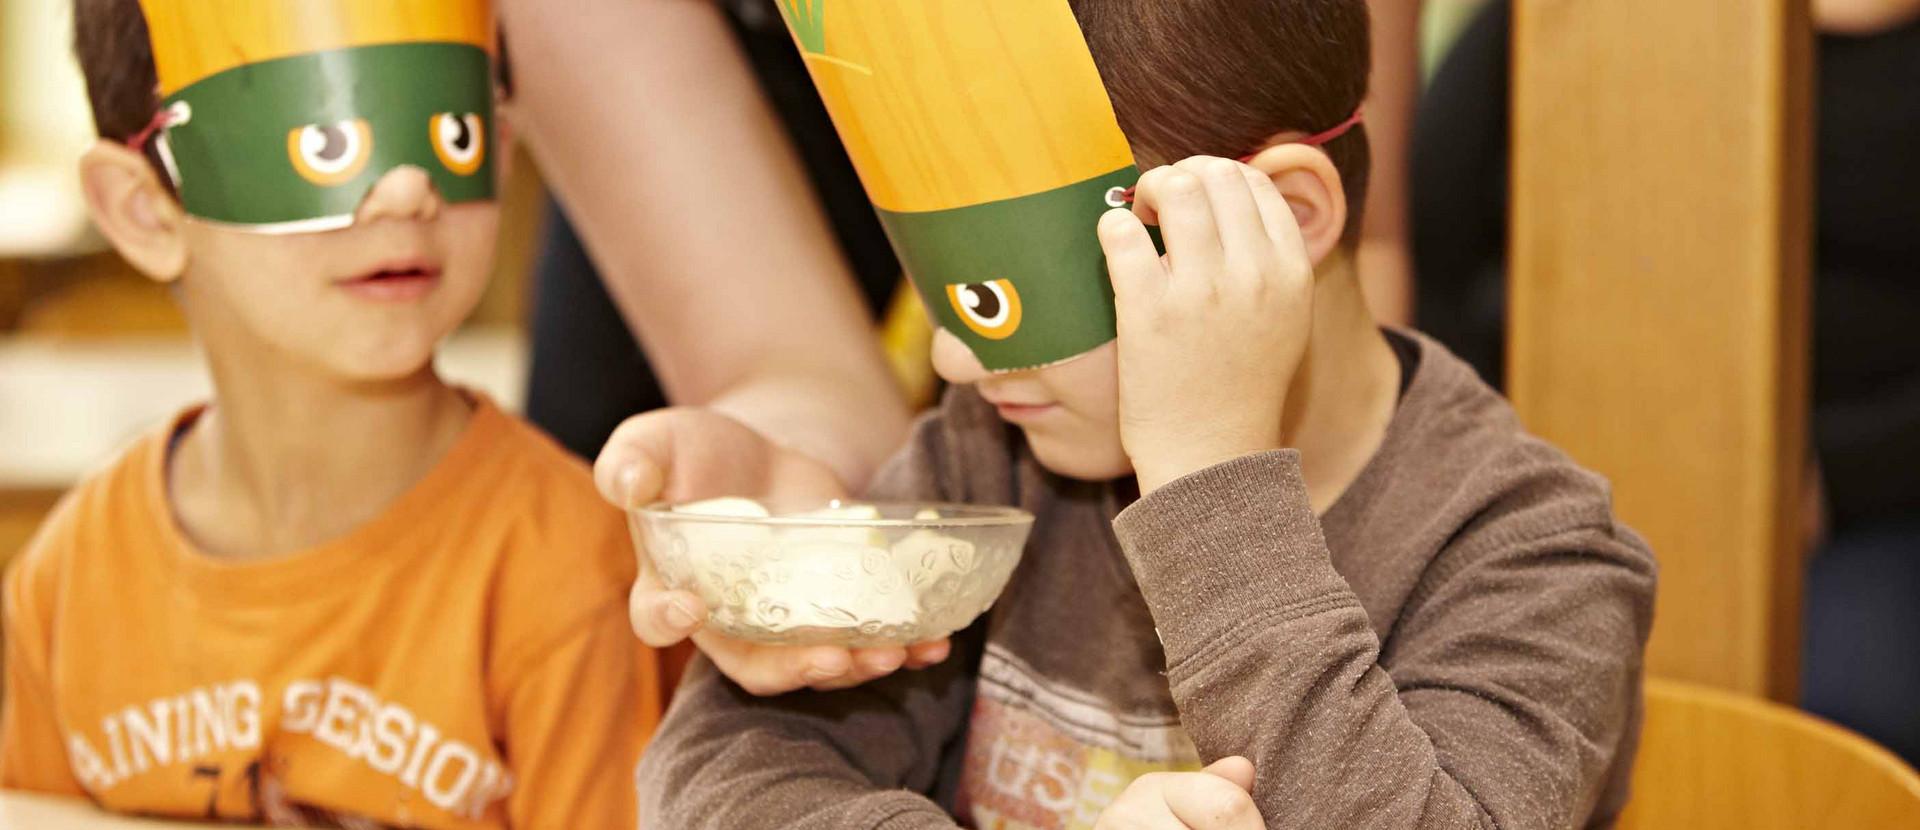 Junge mit Maske vor den Augen riecht an Lebensmitteln in einer Schüssel